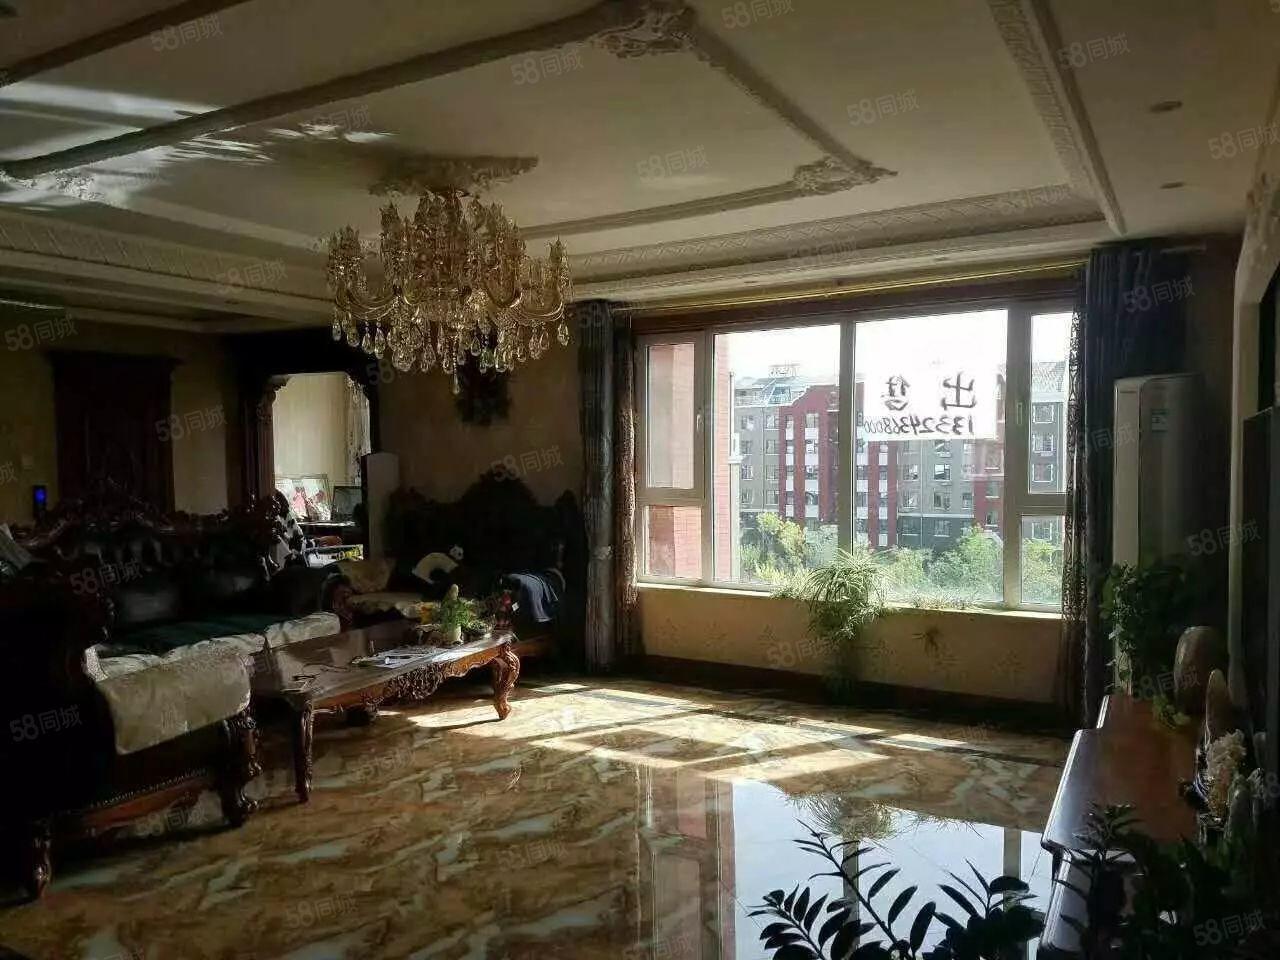 豪华精品,位置优越,与前楼间距长,环境非常好